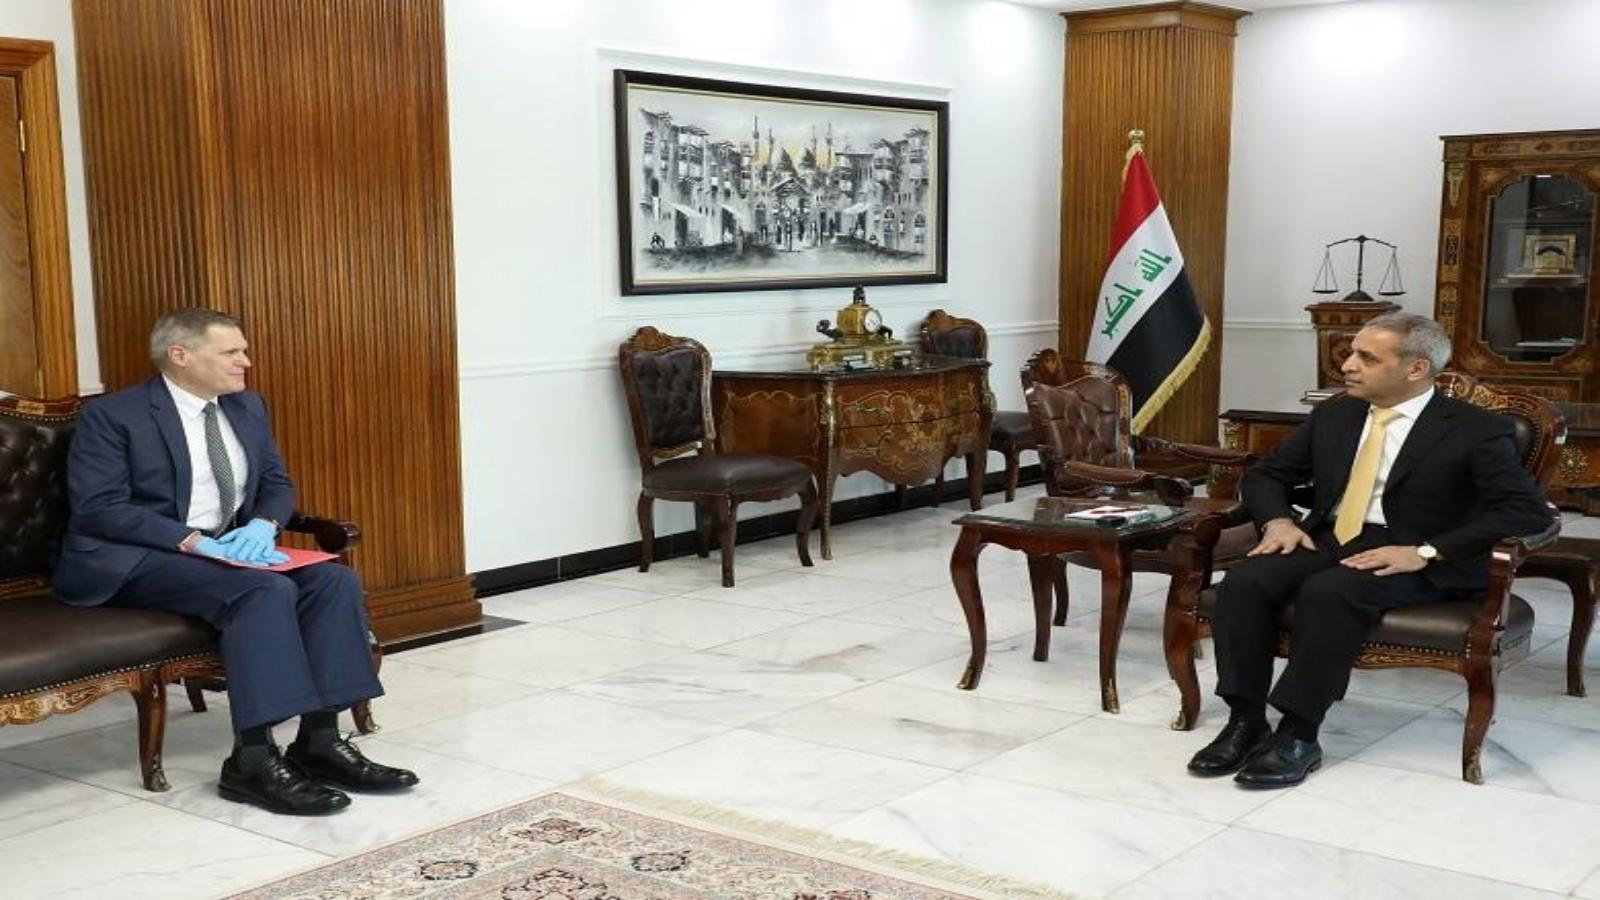 رئيس مجلس القضاء العراقي يبحث مع السفير الاميركي استهداف المليشيات للبعثات الدبلوماسية